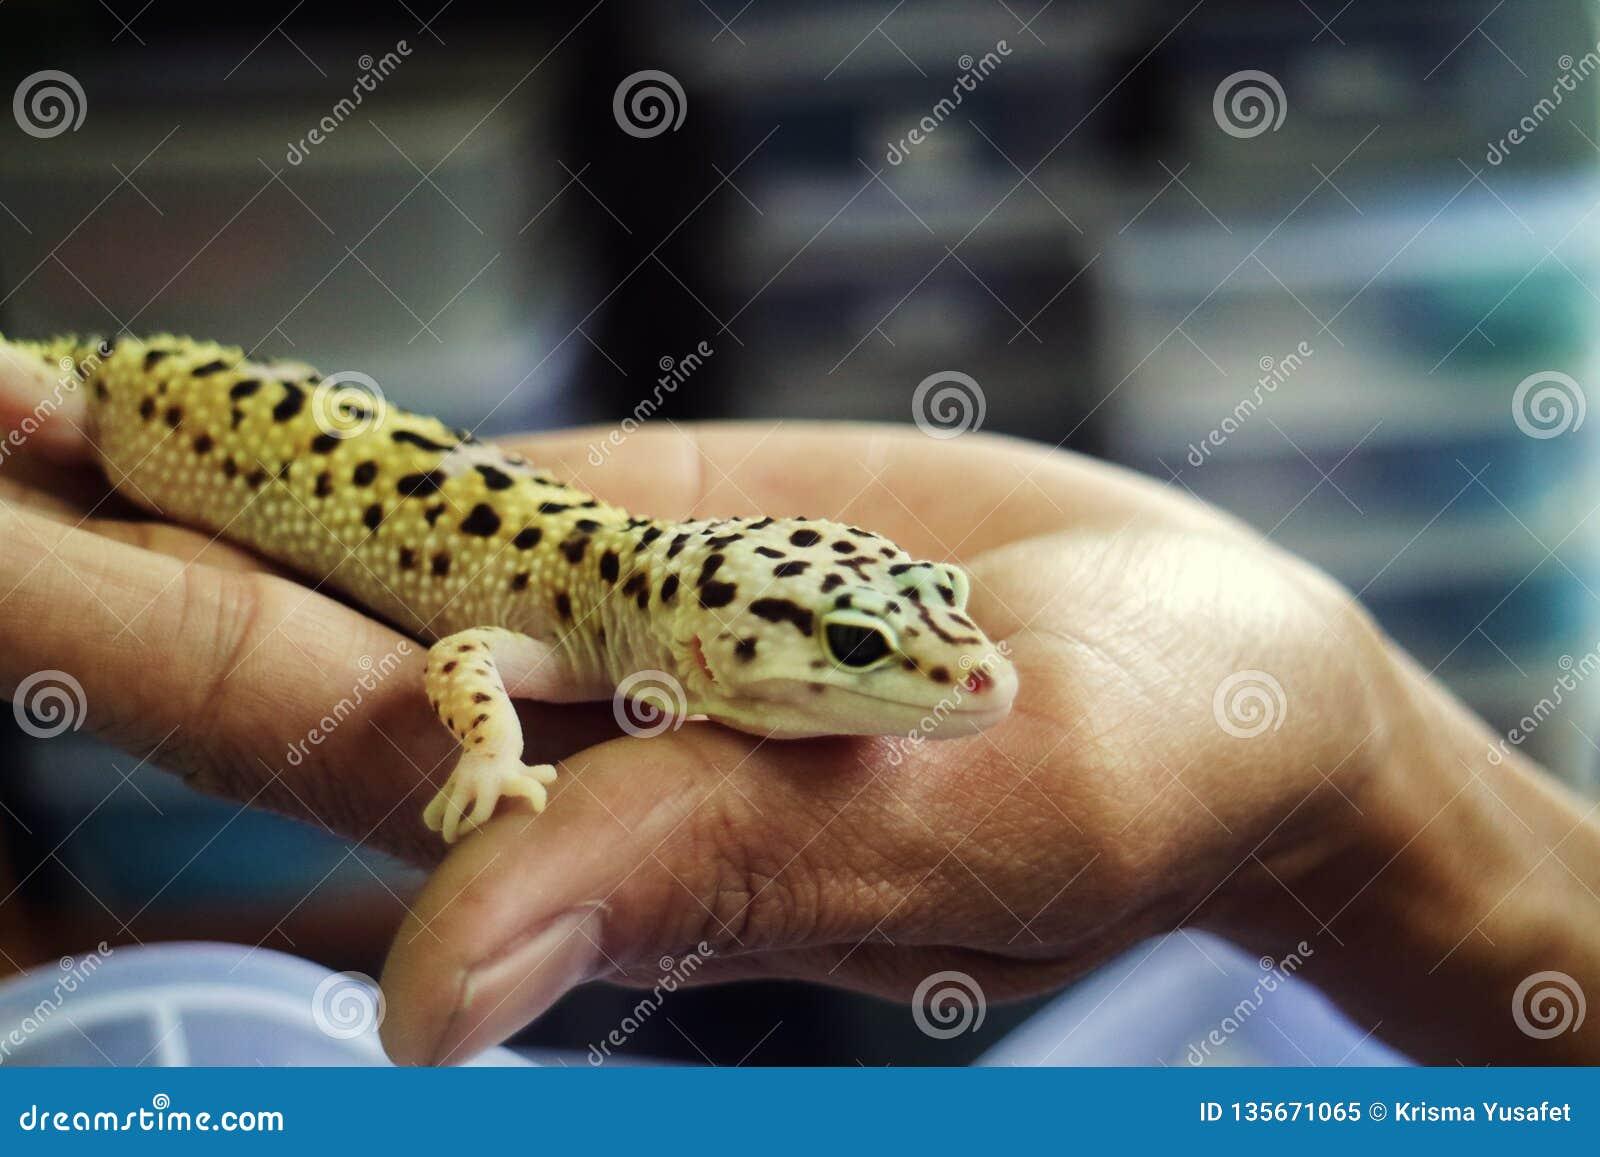 Gecko mit abgefüllter Haut an Hand